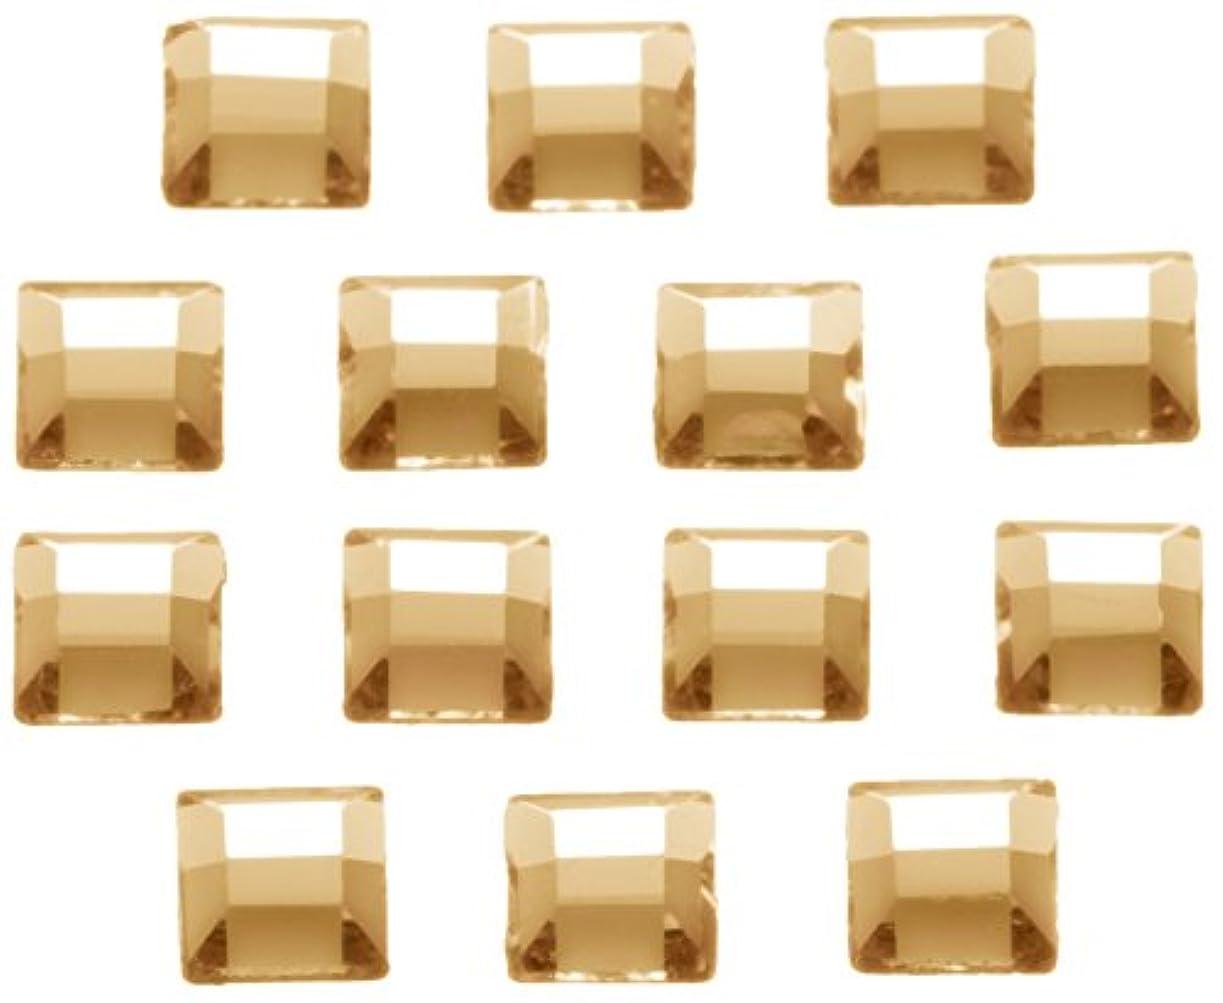 マーク絶滅させる裏切りネイルアートパーツ スクエア型クリスタルゴールデンシャドウ 3.0mm 36P